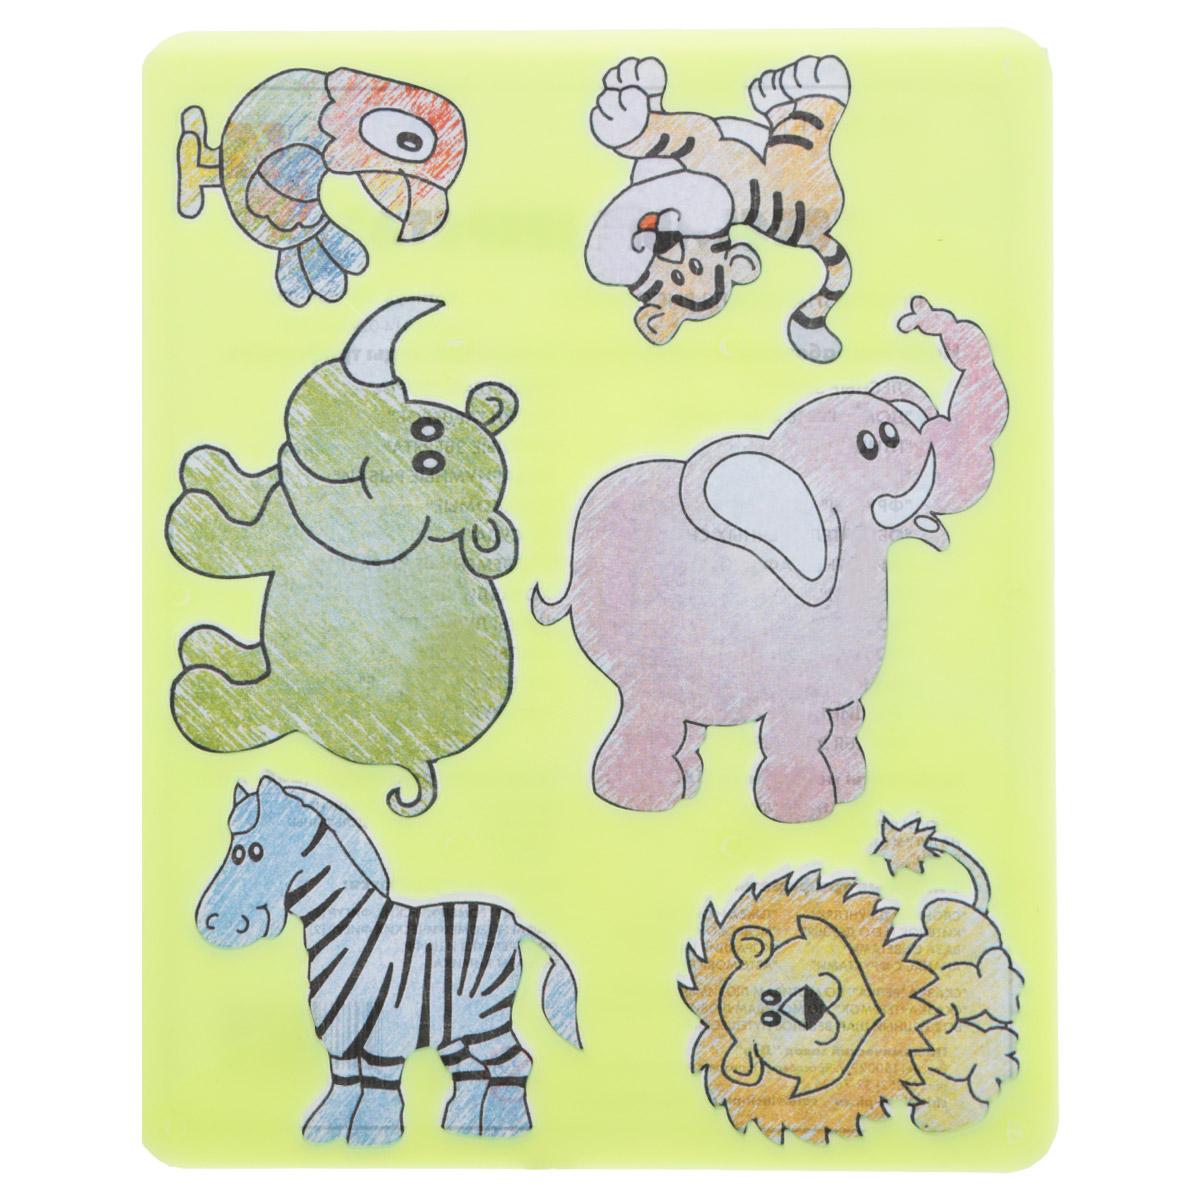 Луч Трафарет прорезной Веселые зверята цвет салатовый10С 530-08Трафарет Луч Веселые зверята, выполненный из безопасного пластика, предназначен для детского творчества. По трафарету Веселые зверята маленький художник сможет нарисовать отдельных животных или целый веселый зоопарк. Для этого необходимо положить трафарет на лист бумаги, обвести фигуру по контуру и раскрасить по своему вкусу или глядя на цветную картинку-образец. Трафареты предназначены для развития у детей мелкой моторики и зрительно-двигательной координации, навыков художественной композиции и зрительного восприятия.